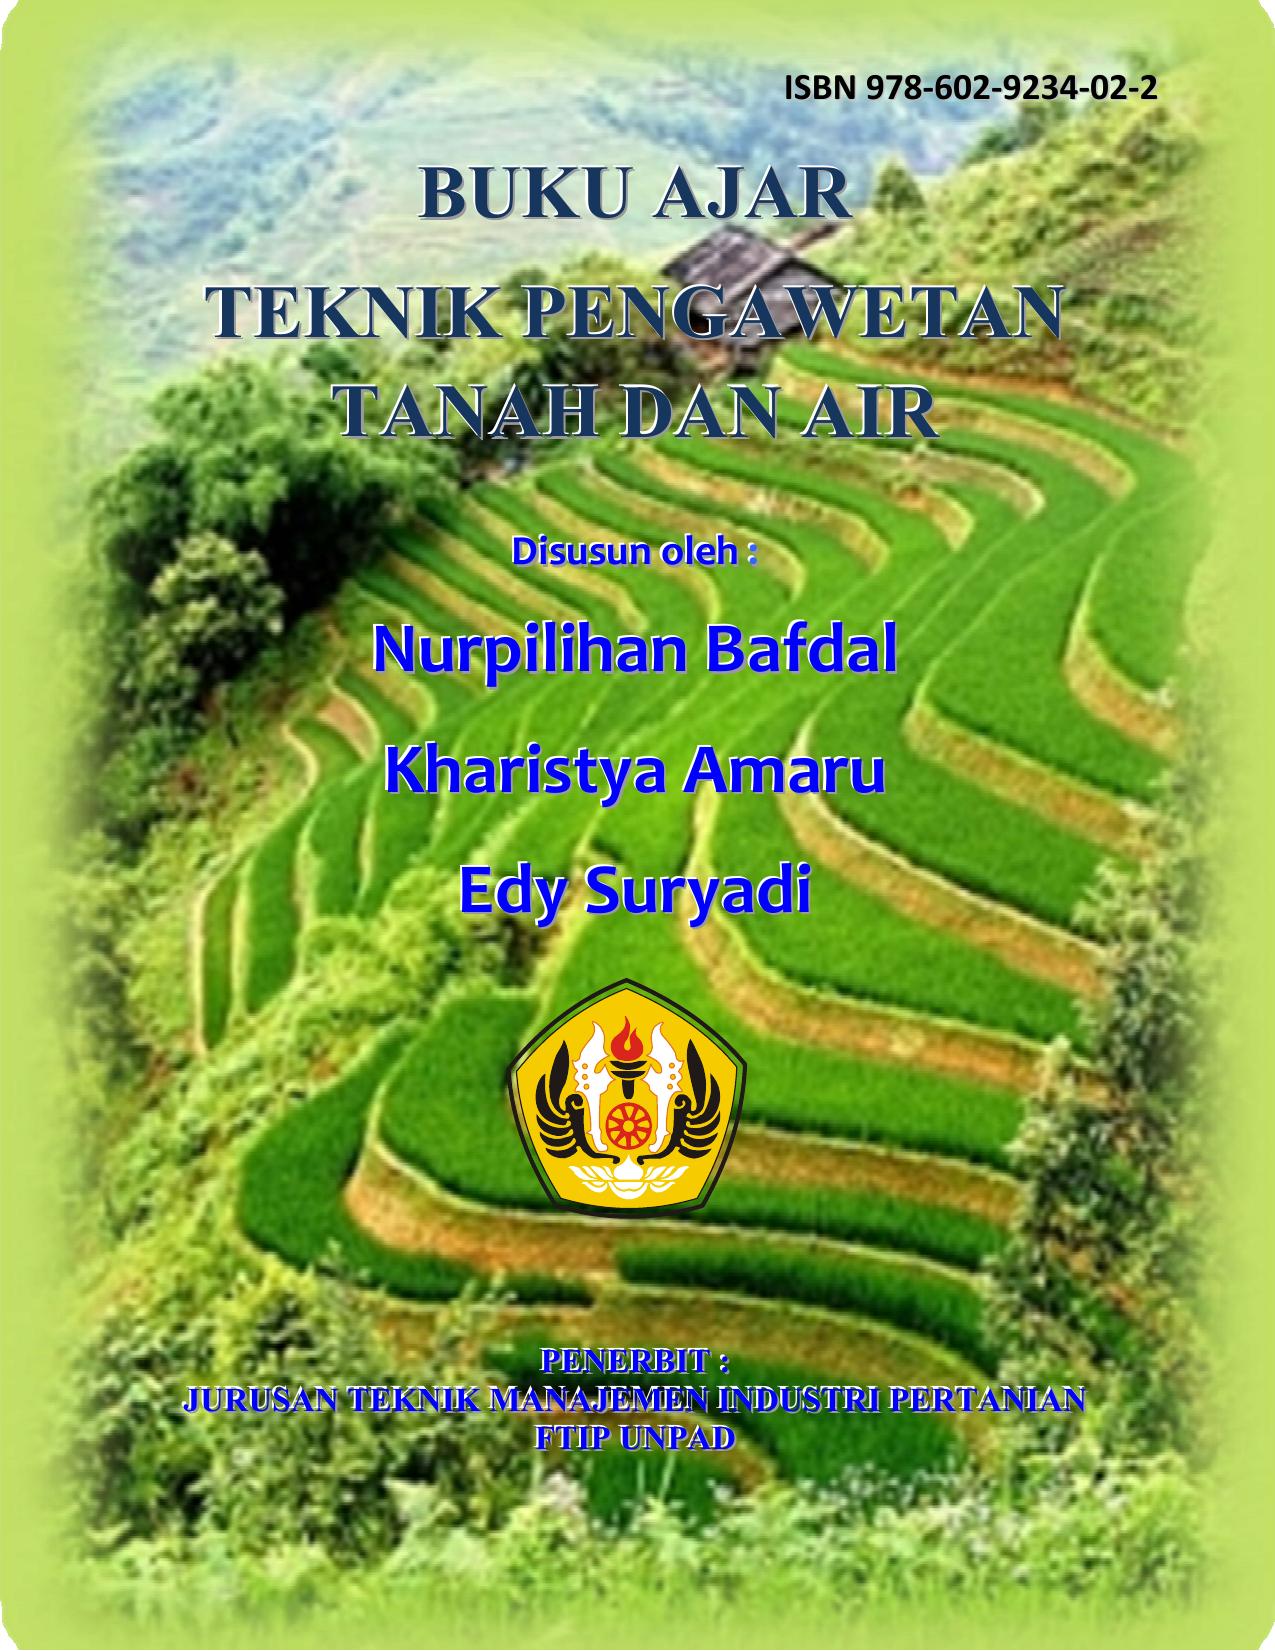 buku ajar teknik pengawetan tanah dan air